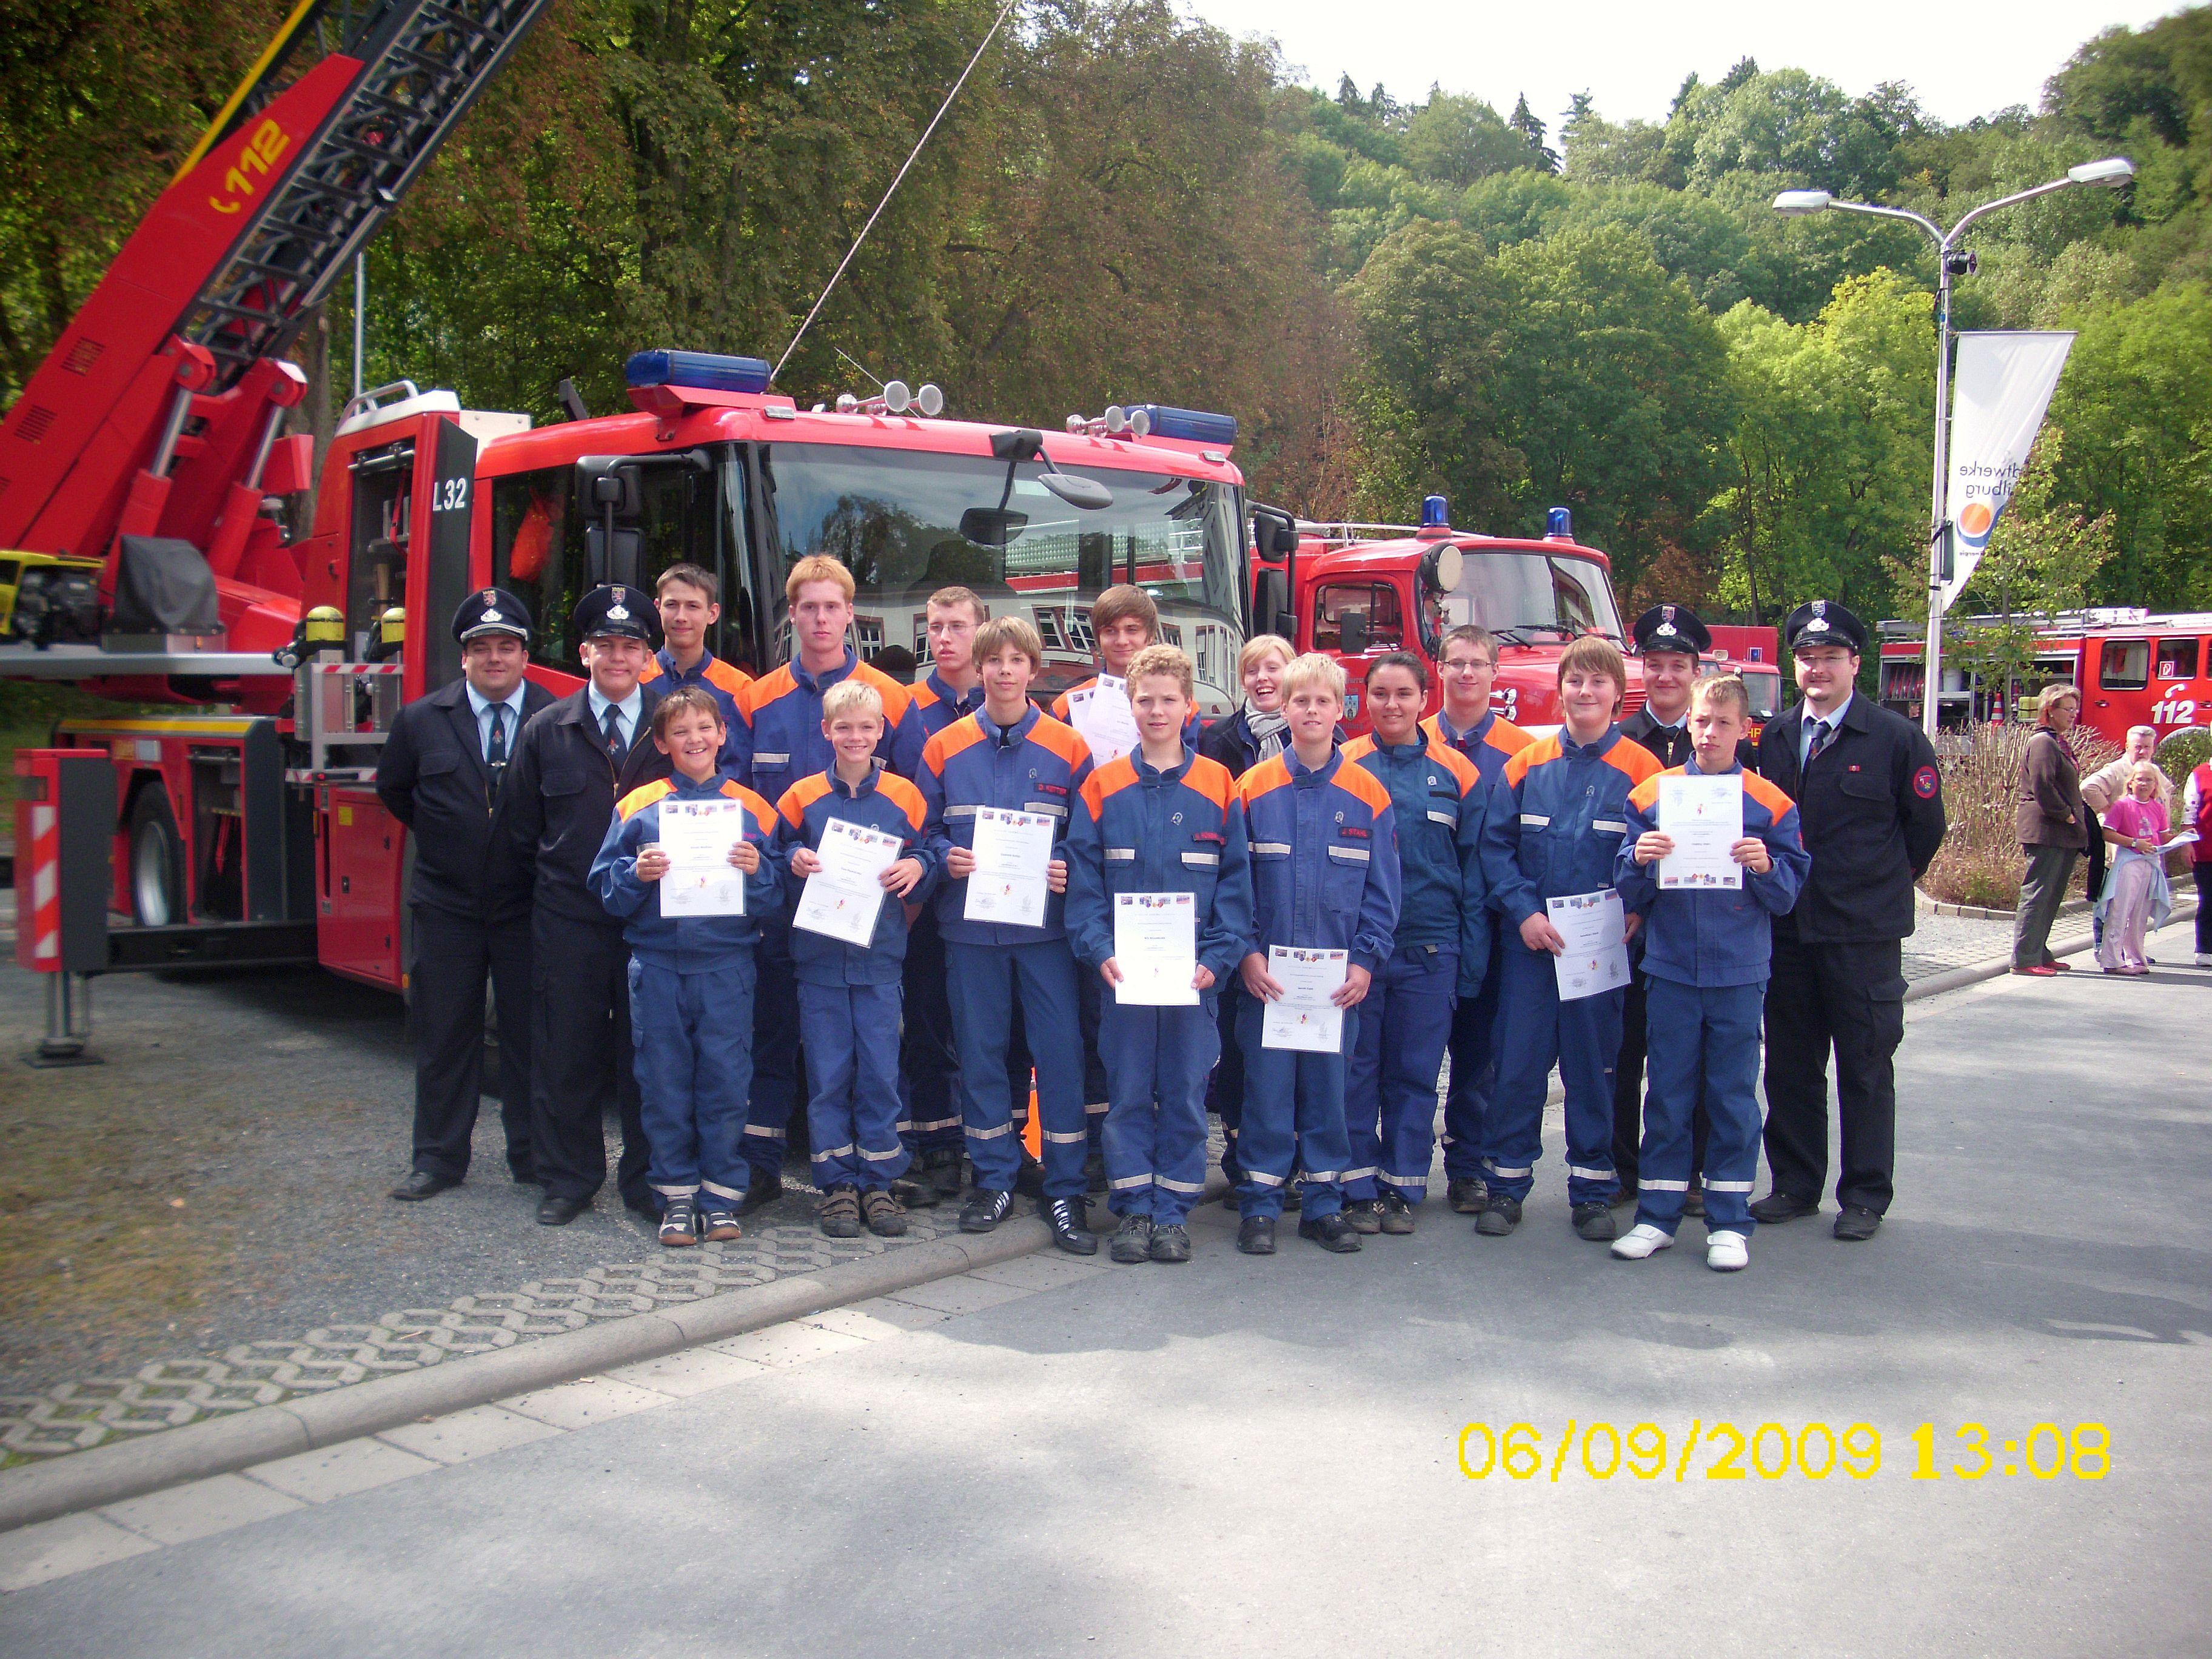 Abnahme der Jugendflamme Stufe 1-3 06.09.2009 in Weilburg